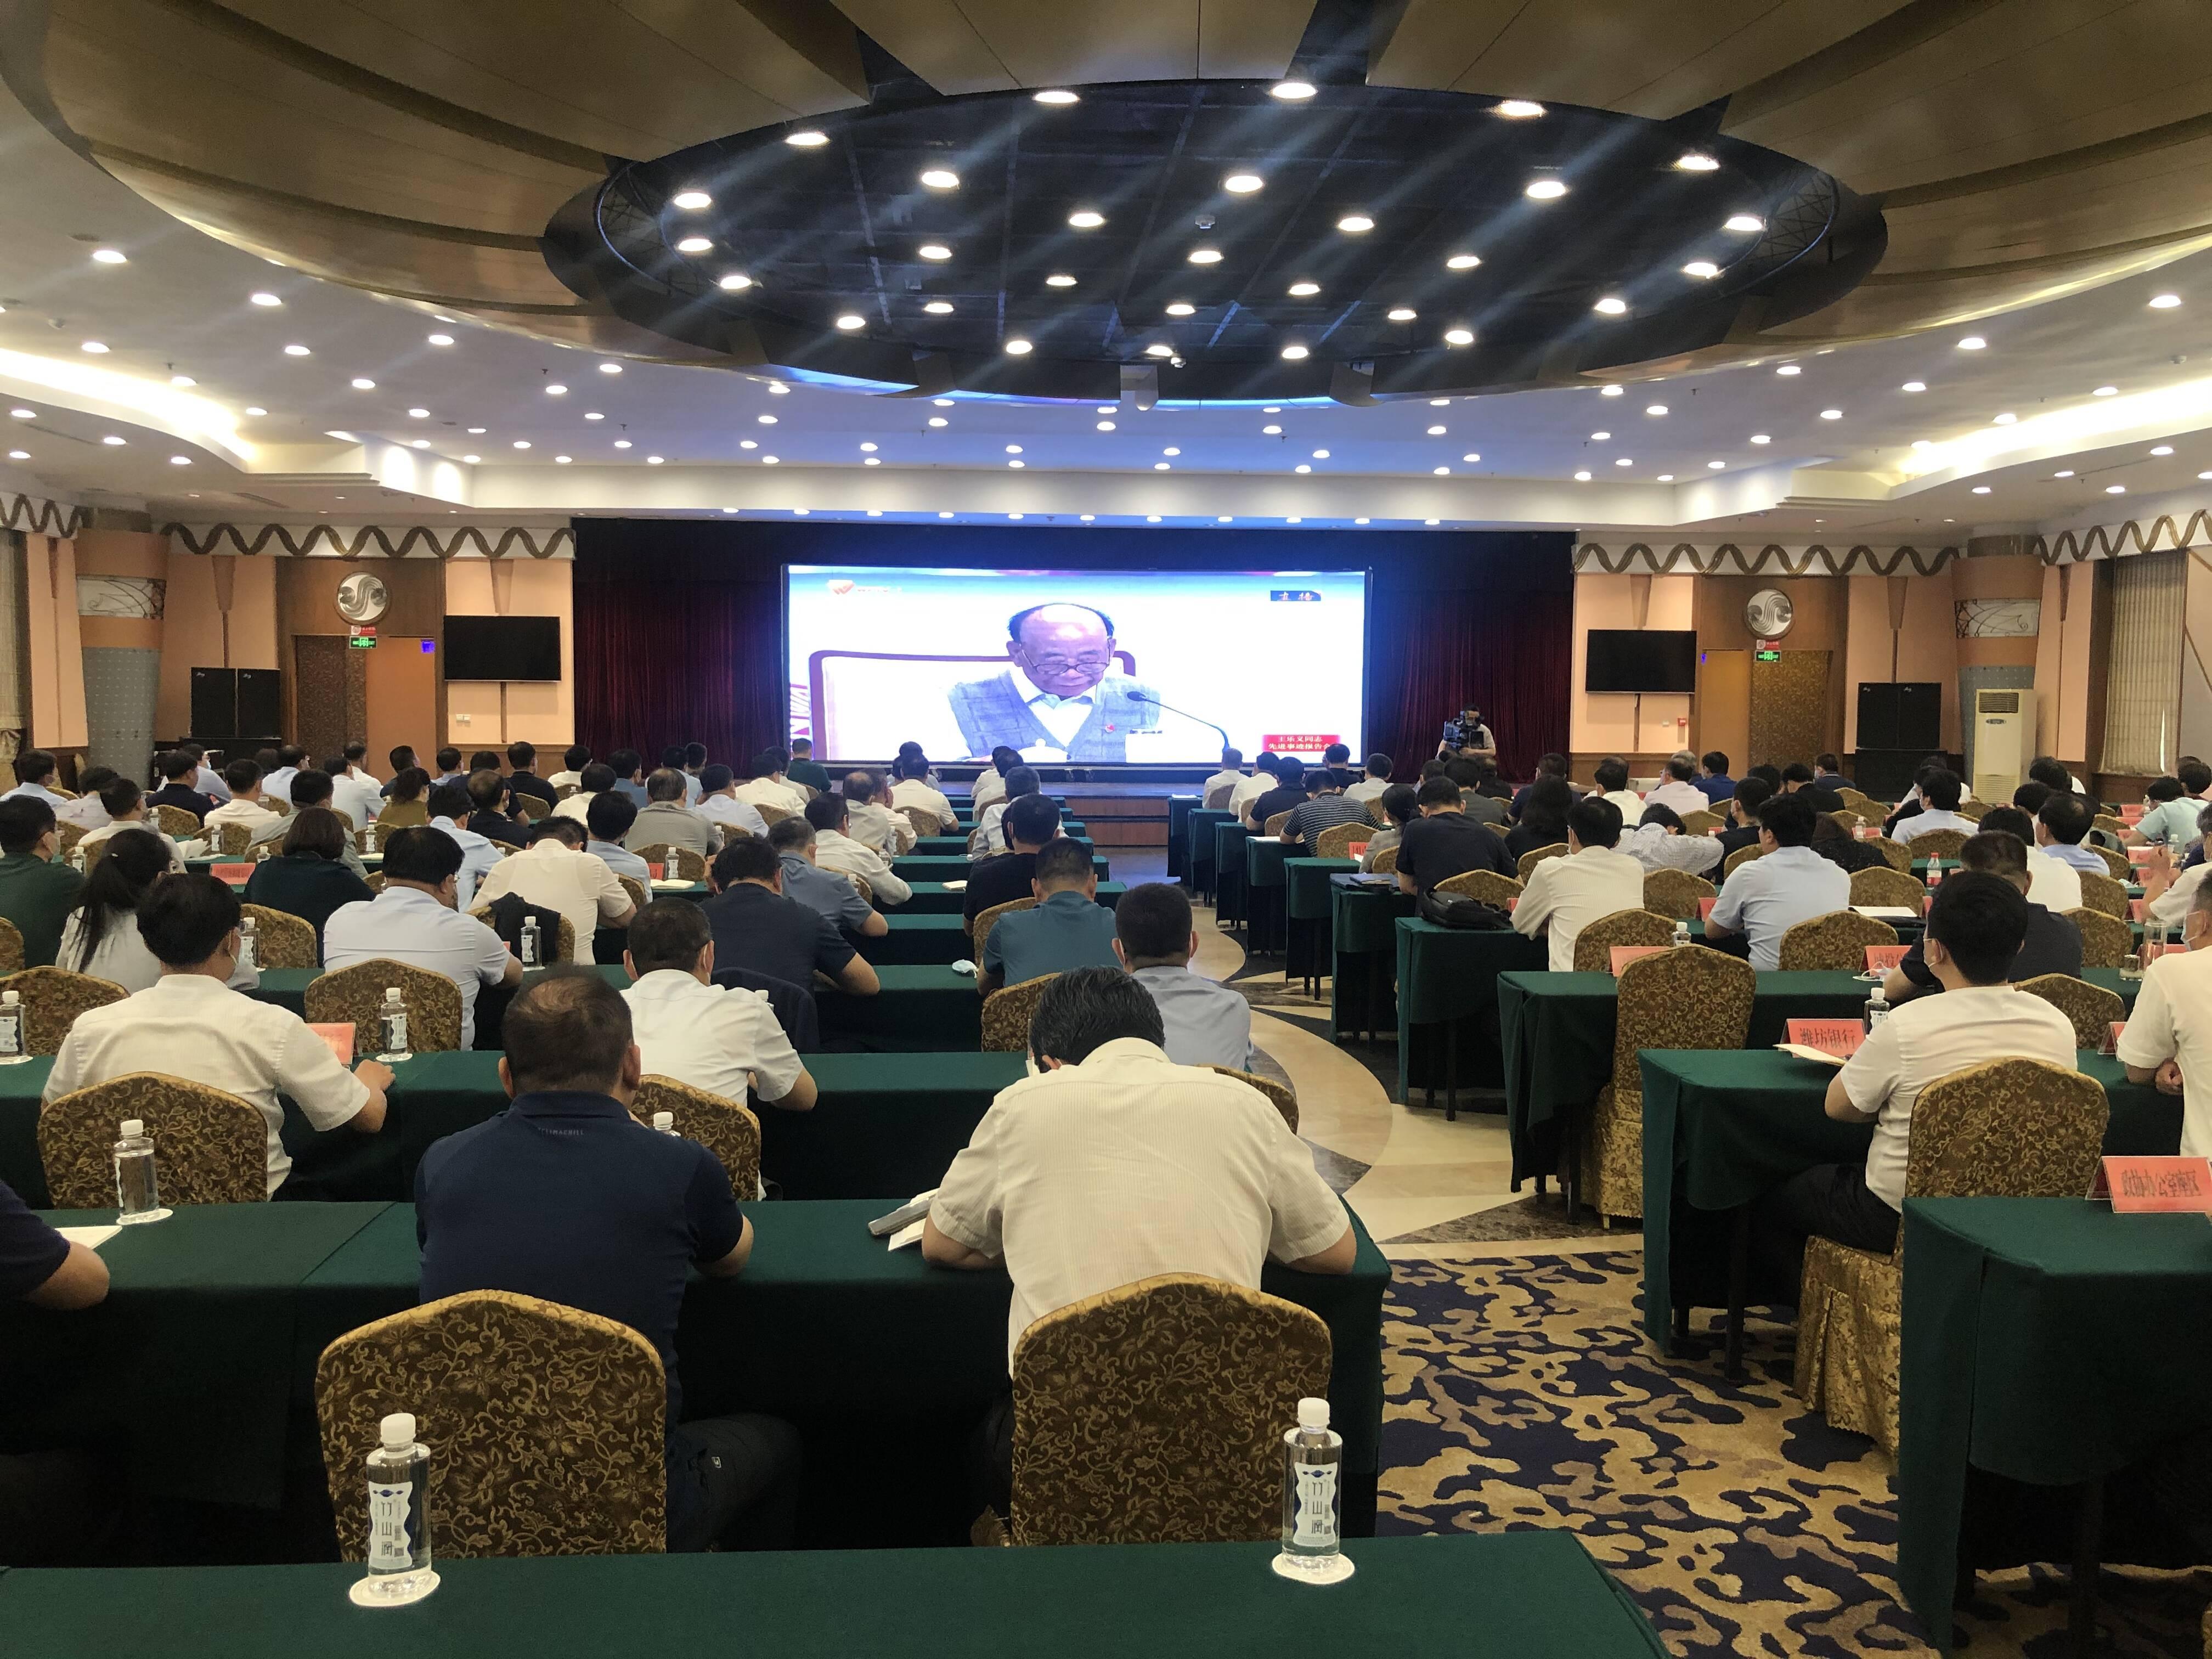 王乐义先进事迹报告会在潍坊诸城引发强烈反响